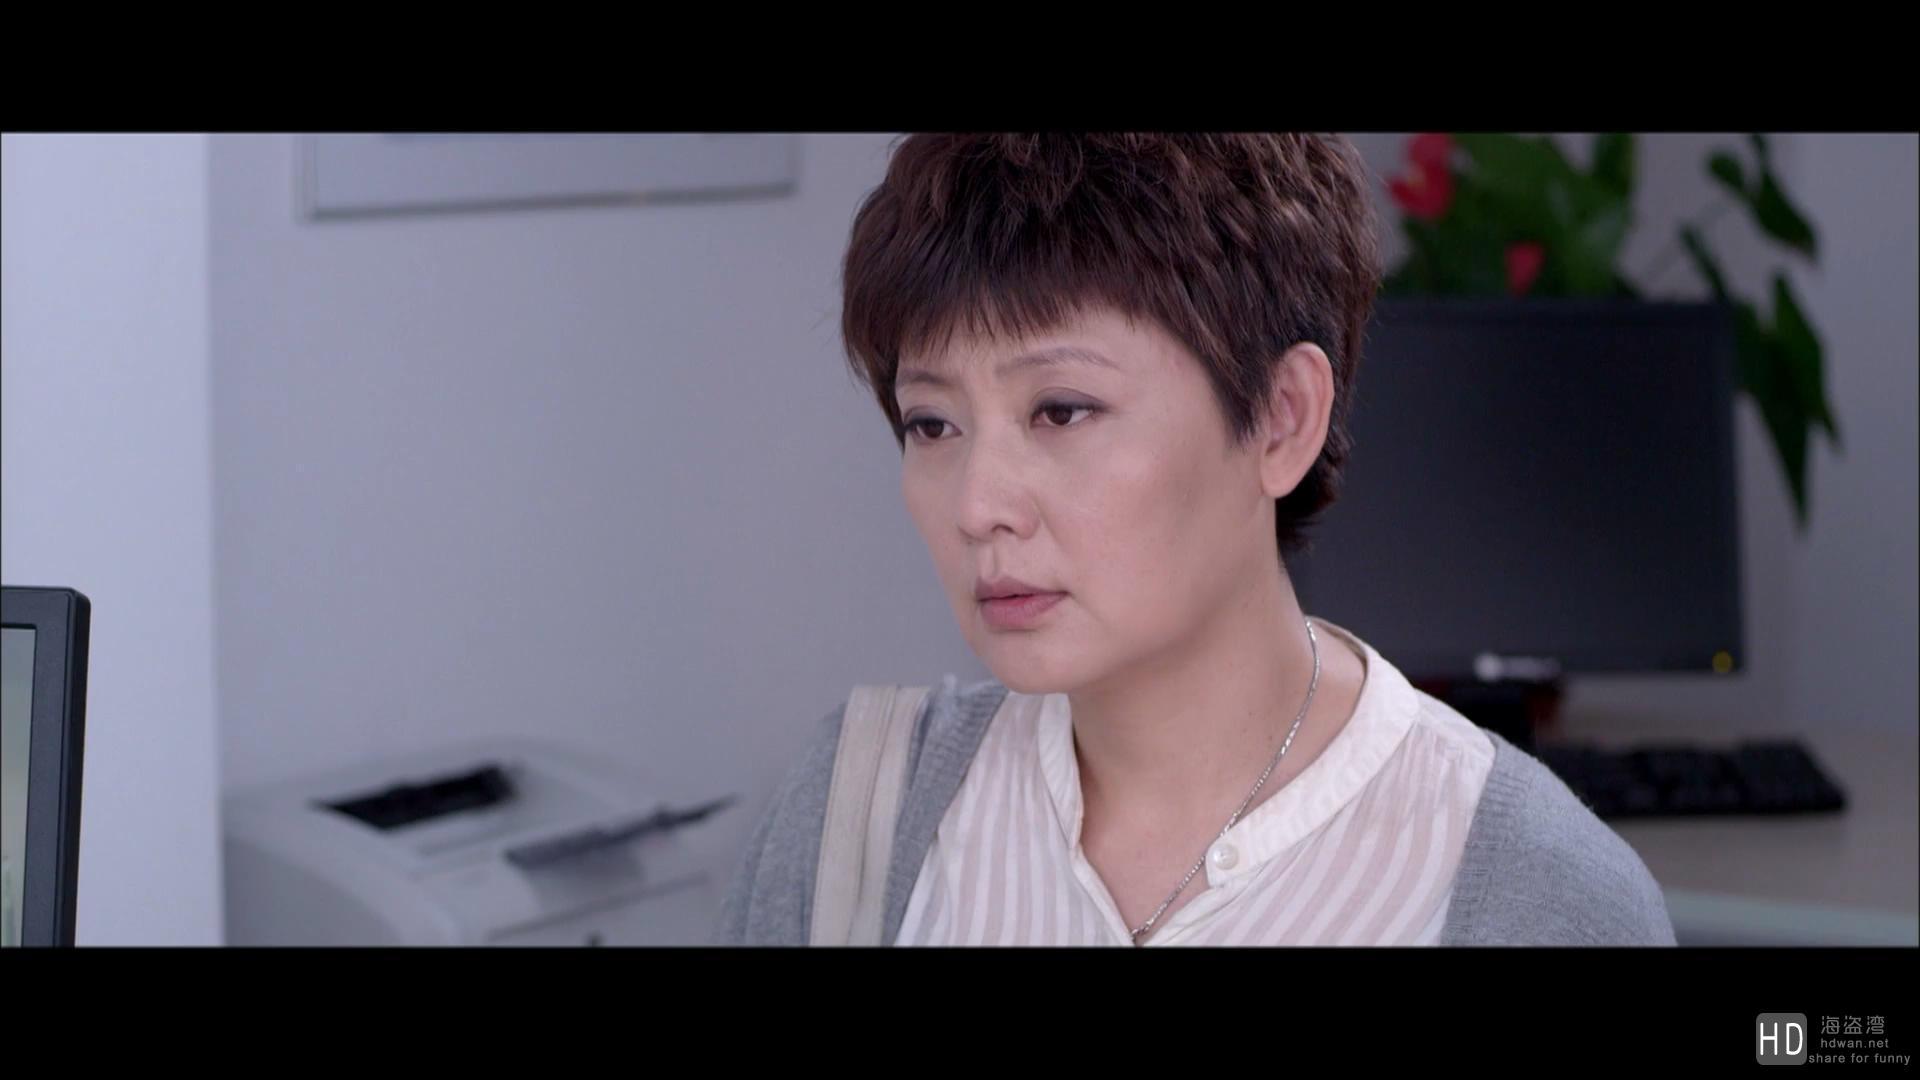 [2015][大陆][剧情][美丽笨女人][WEB-MKV/1.67G][国语中英字][1080P]